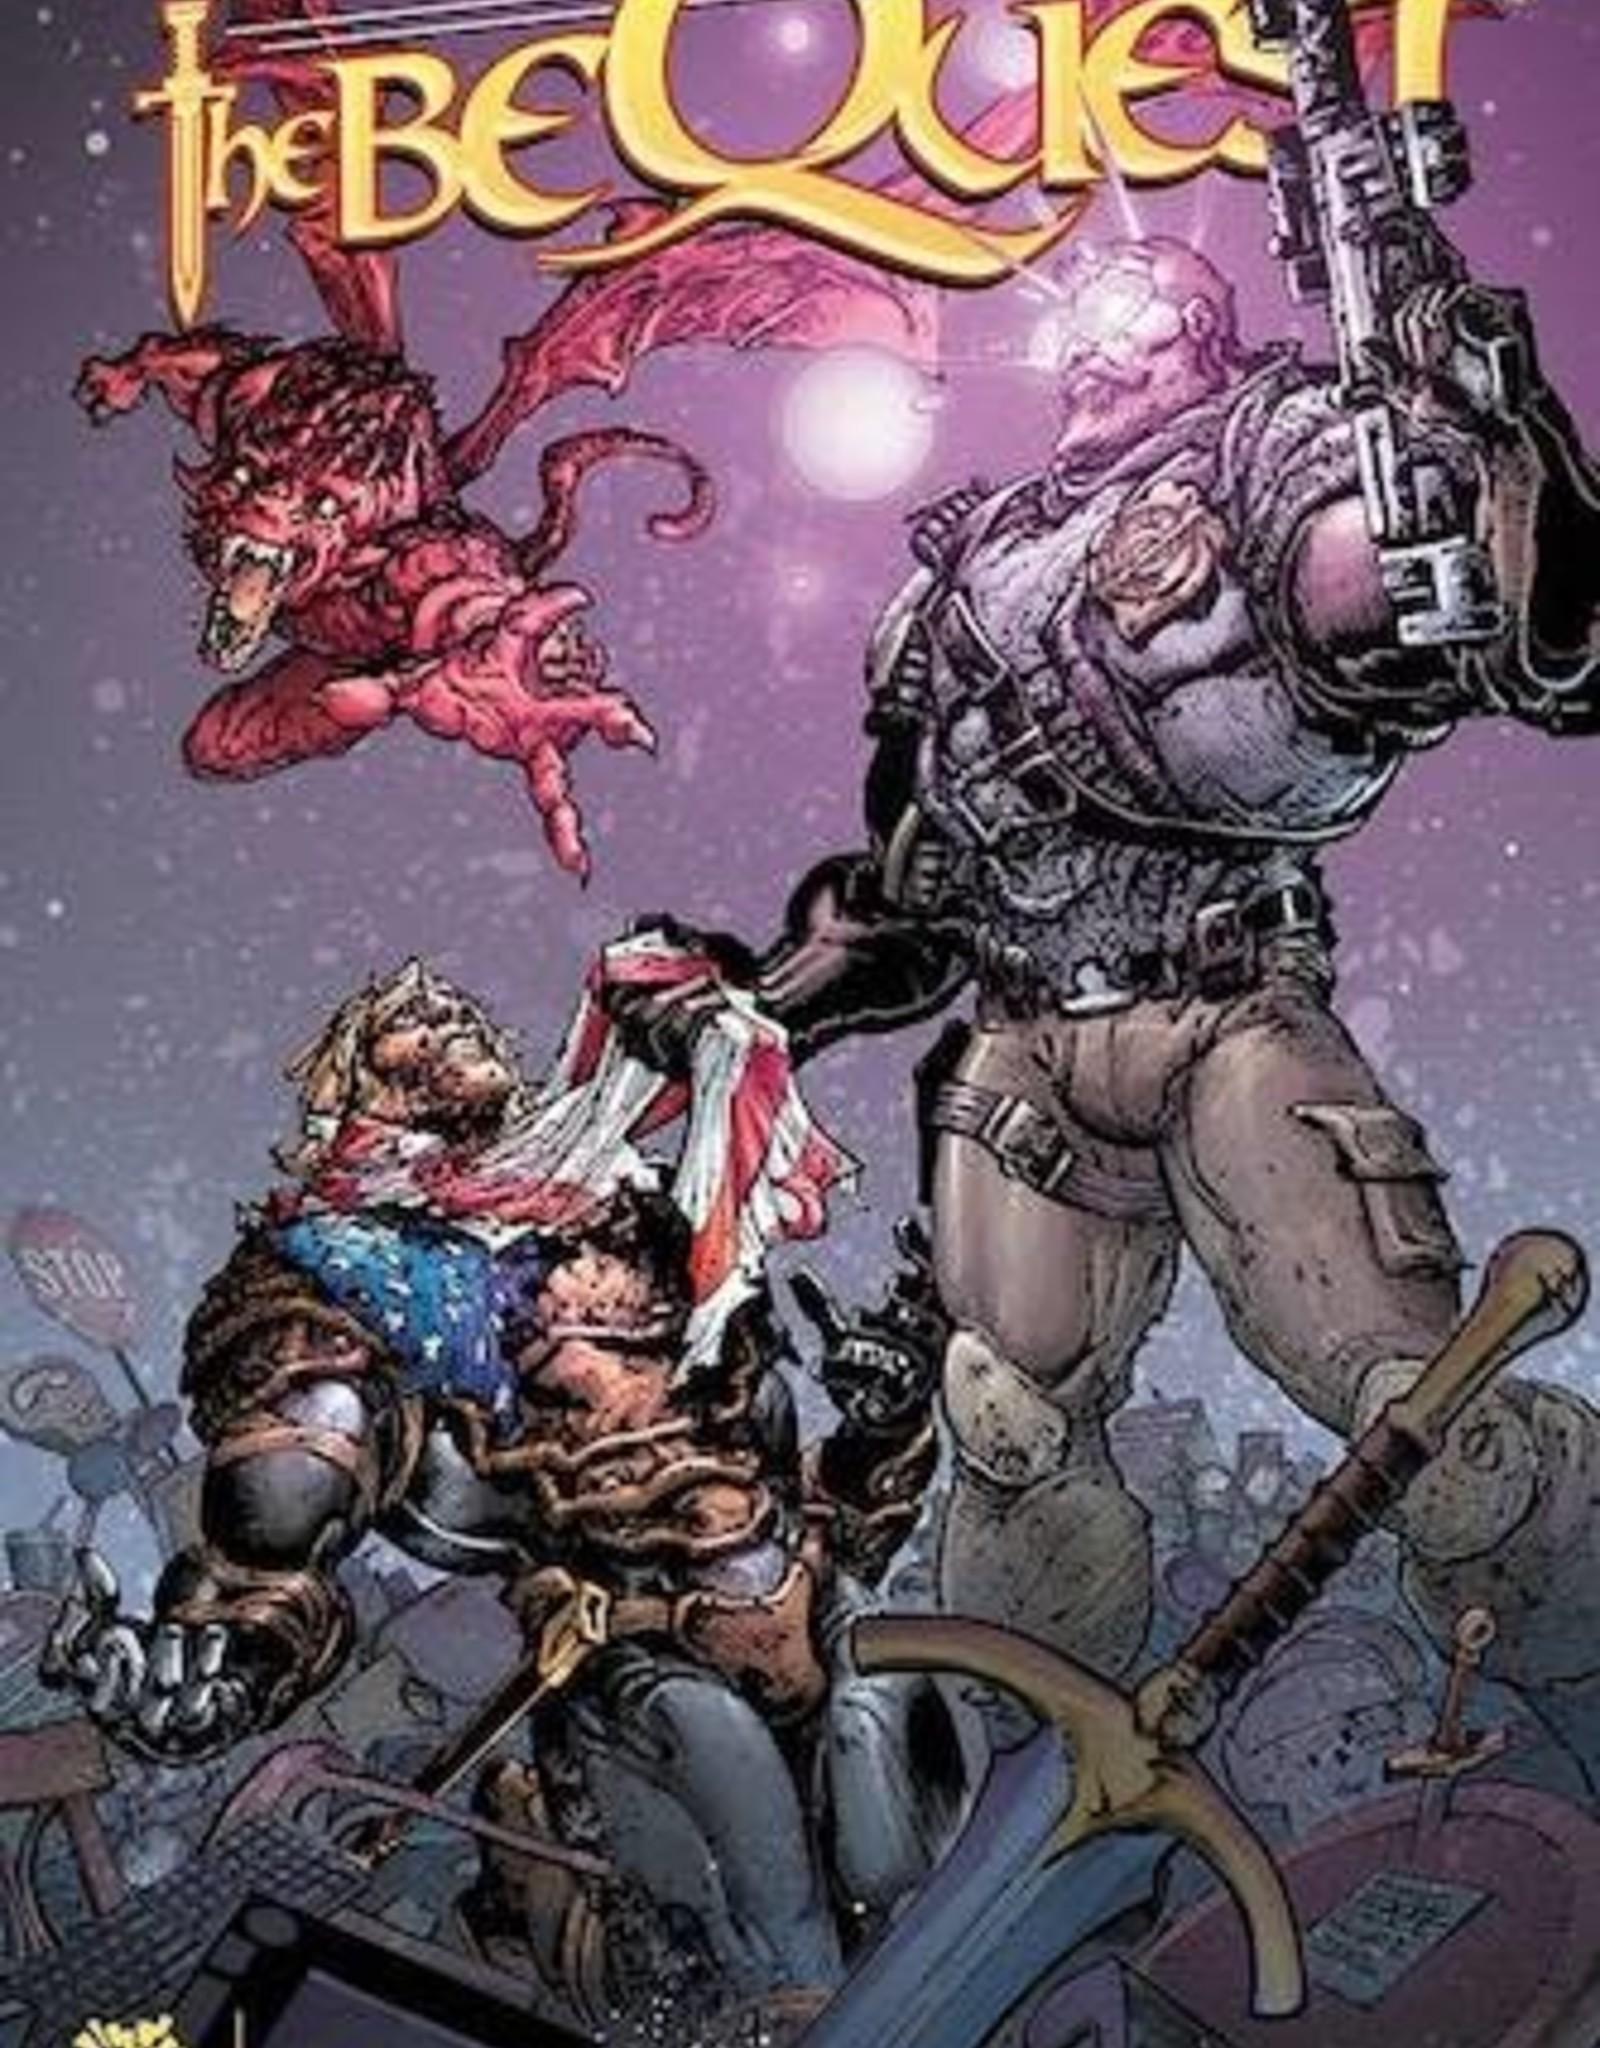 AfterShock Comics Bequest #4